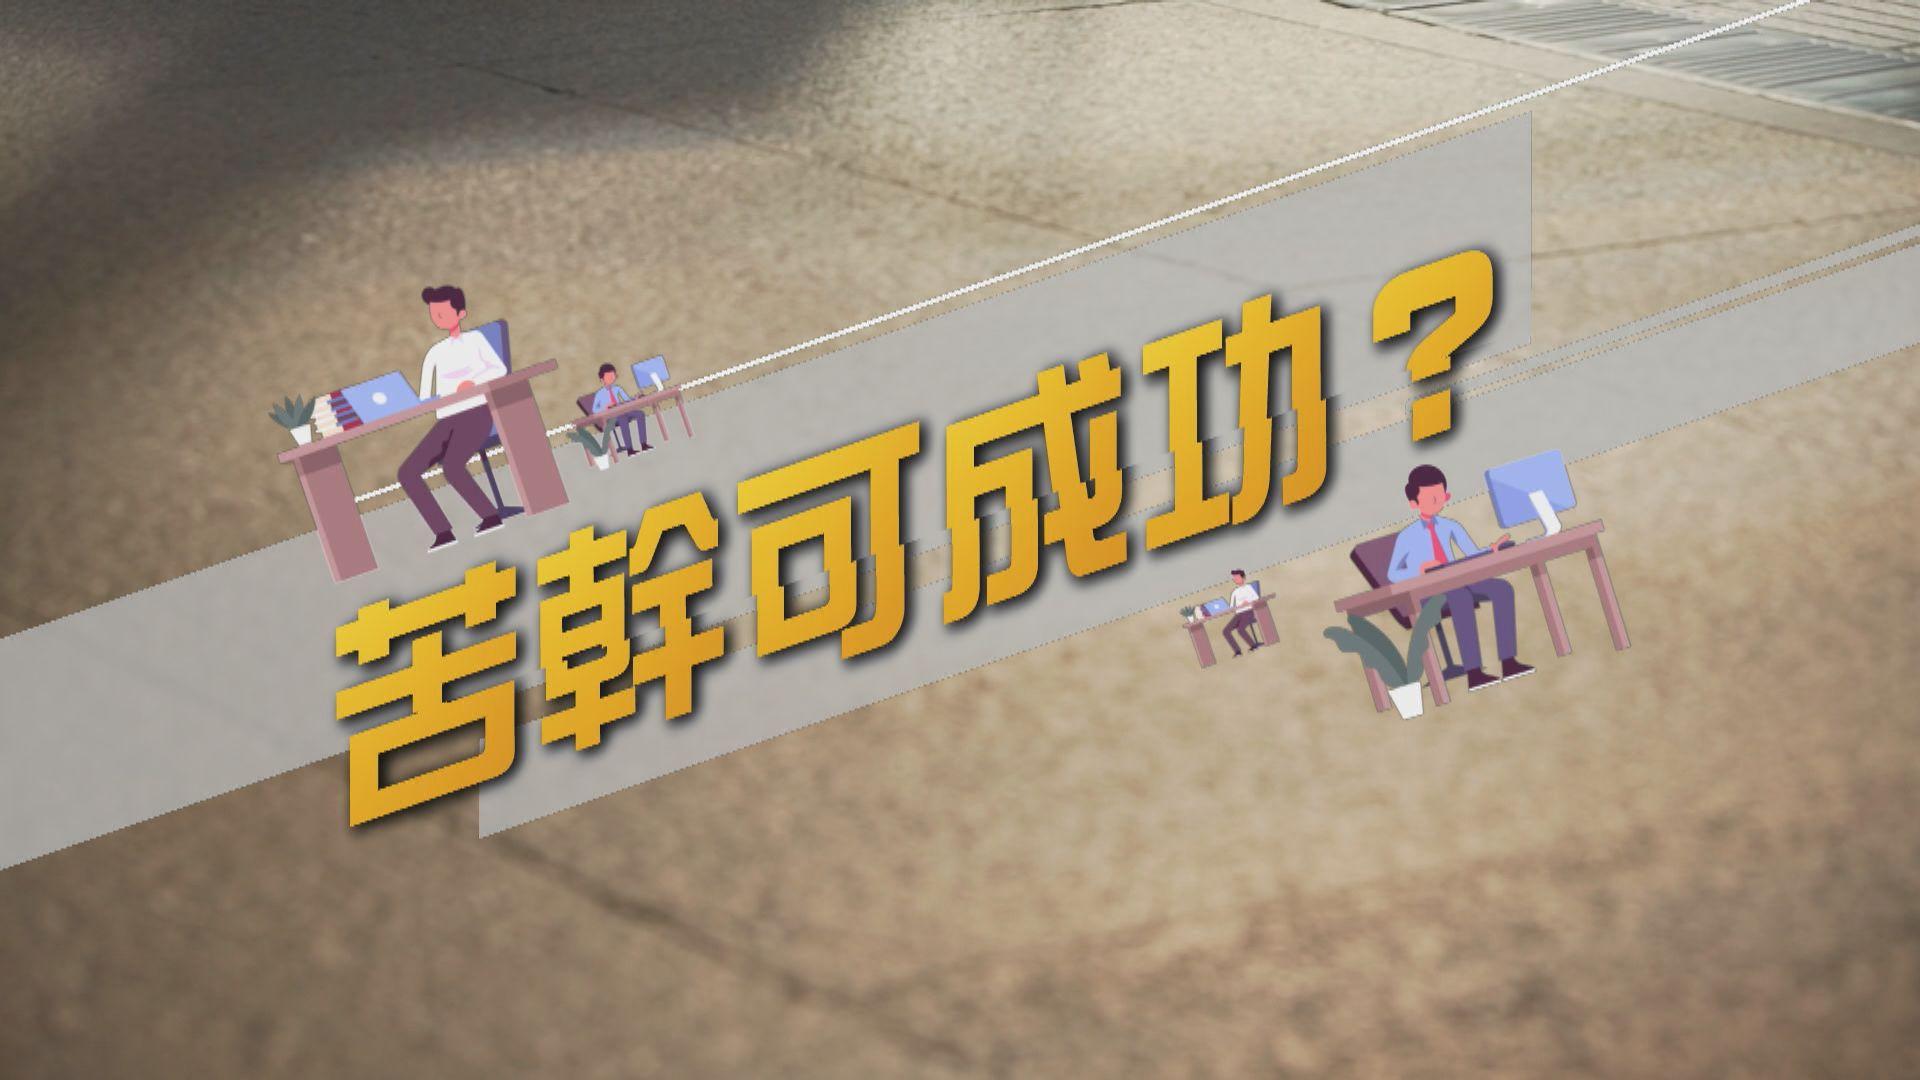 【新聞智庫】調查:民眾不再相信苦幹可成功 香港僅三成人看好未來